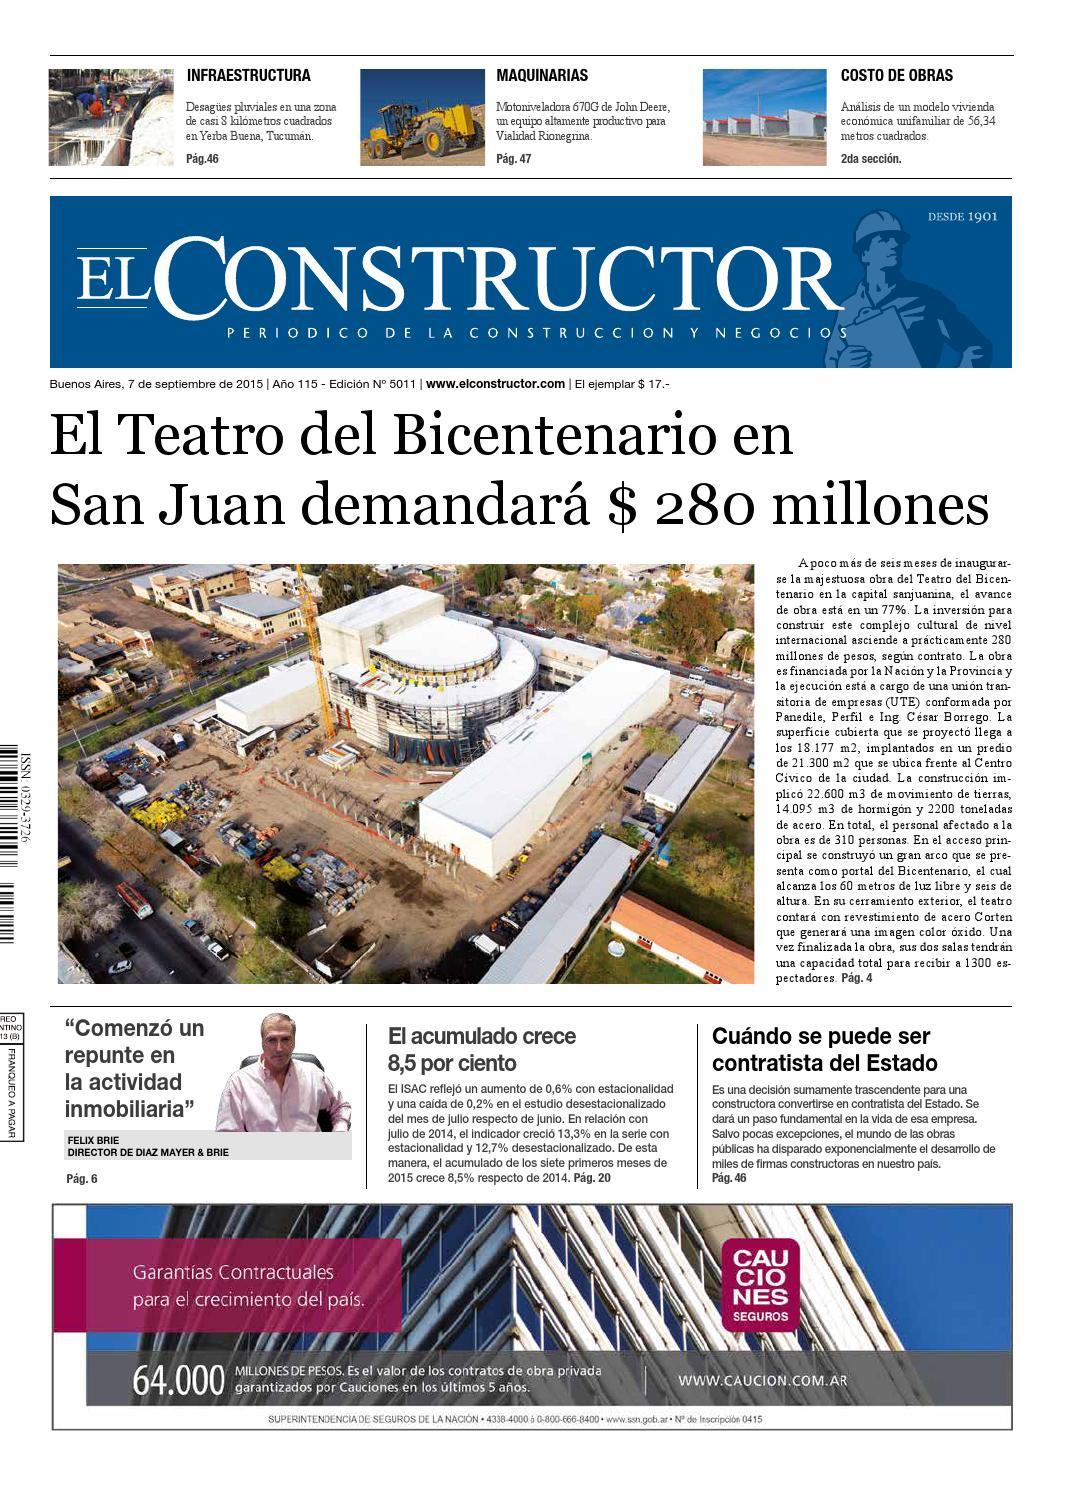 El Constructor 07/09/2015 - N° 5011 Año 115 by ELCO Editores - issuu